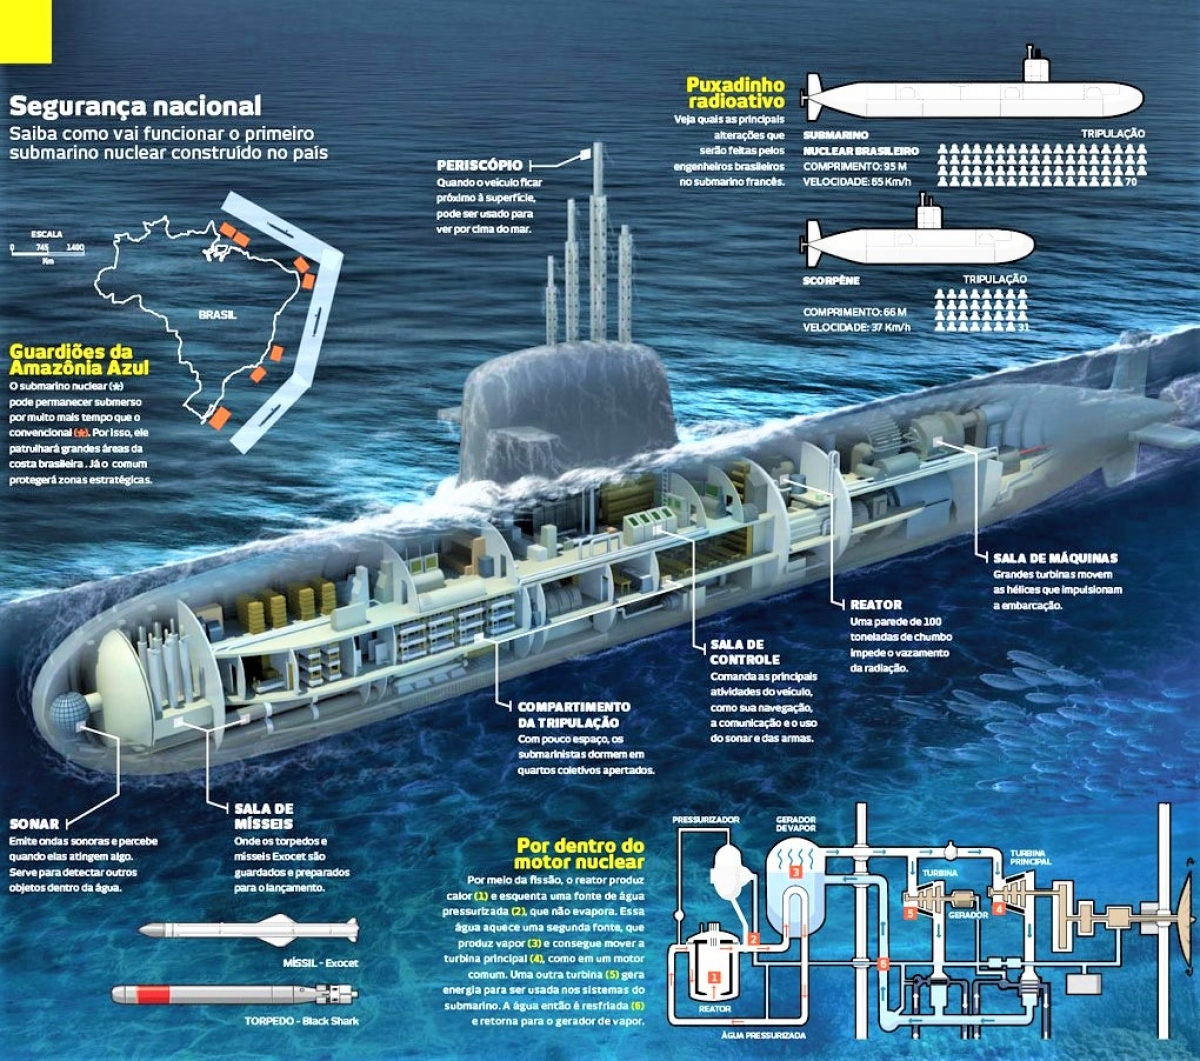 """Tàu ngầm chạy bằng năng lượng hạt nhân SN-BR """"Álvaro Alberto"""" của Brazil; Nguồn: freerepublic.com"""